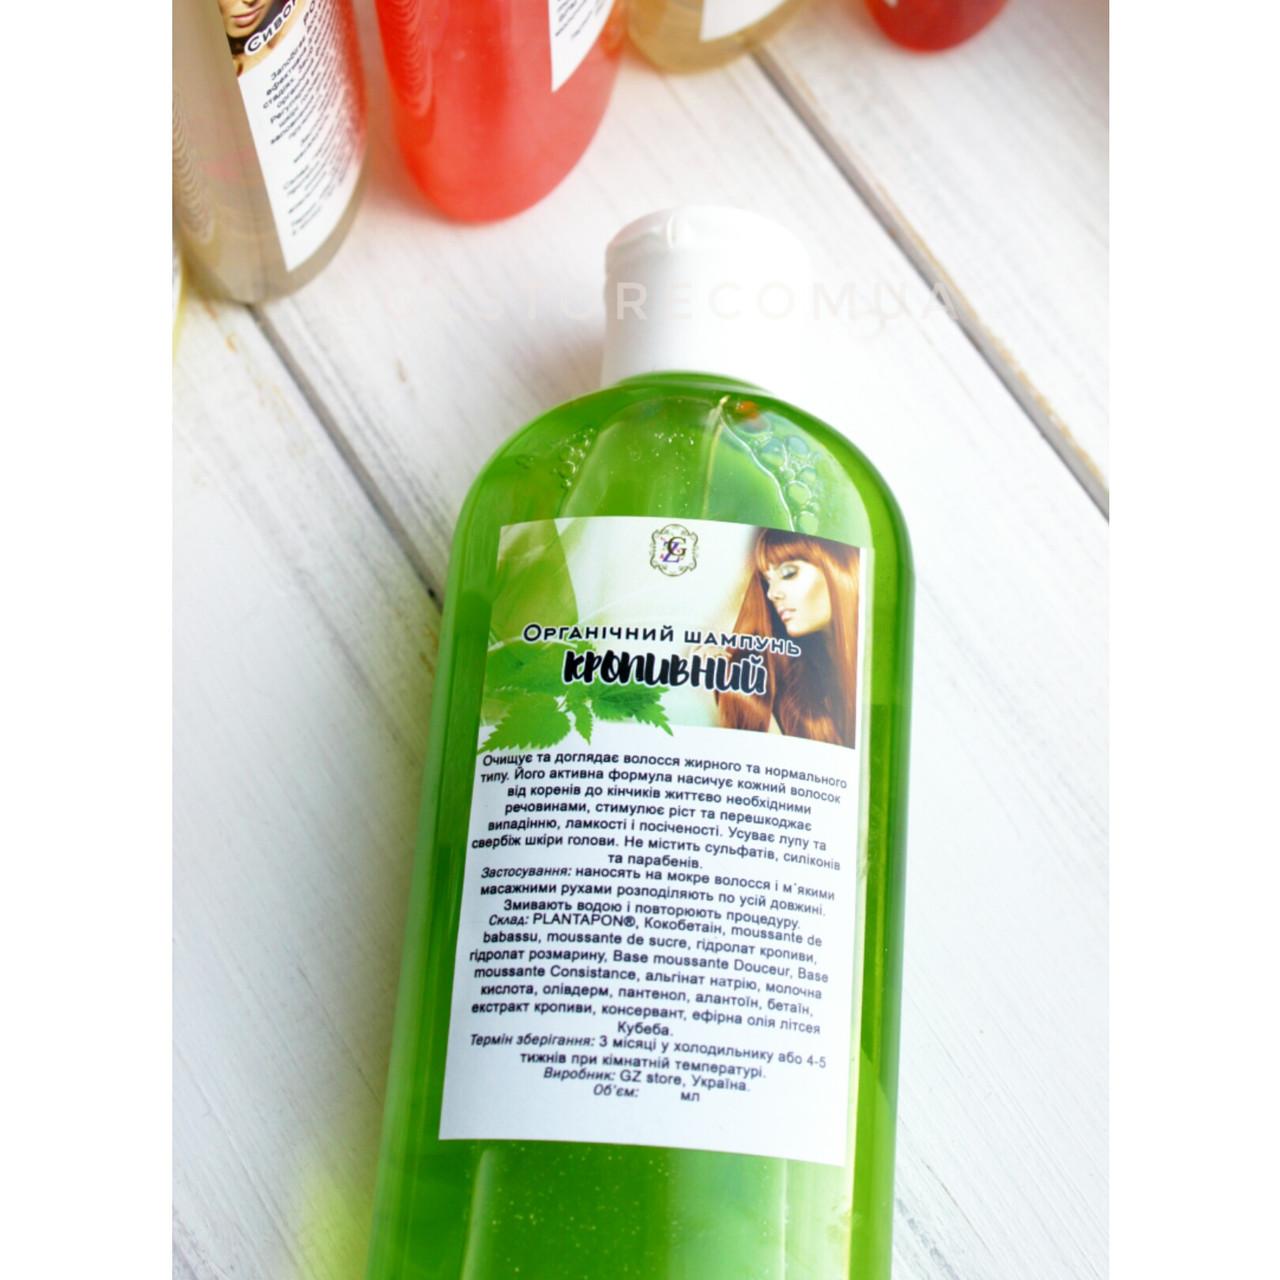 Безсульфатний шампунь для жирного і нормального волосся «Кропив'яний» 200мл